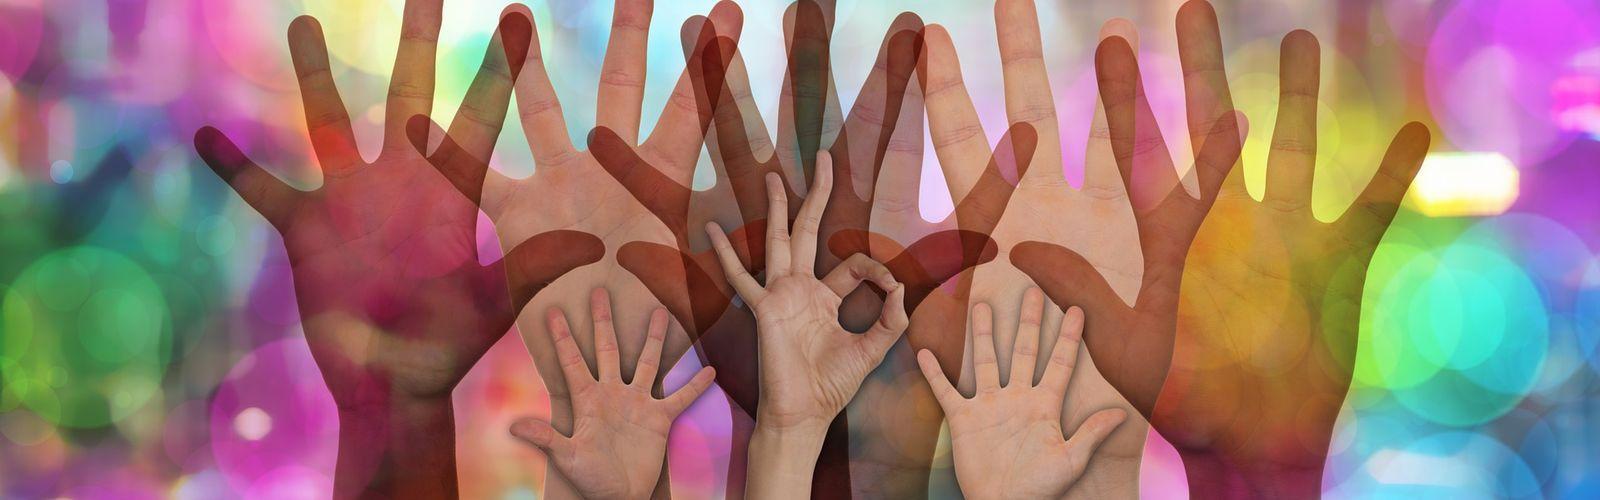 Grafika przedstawia dłonie dorosłych oraz dzieci. Tło jest bardzo kolorowe.